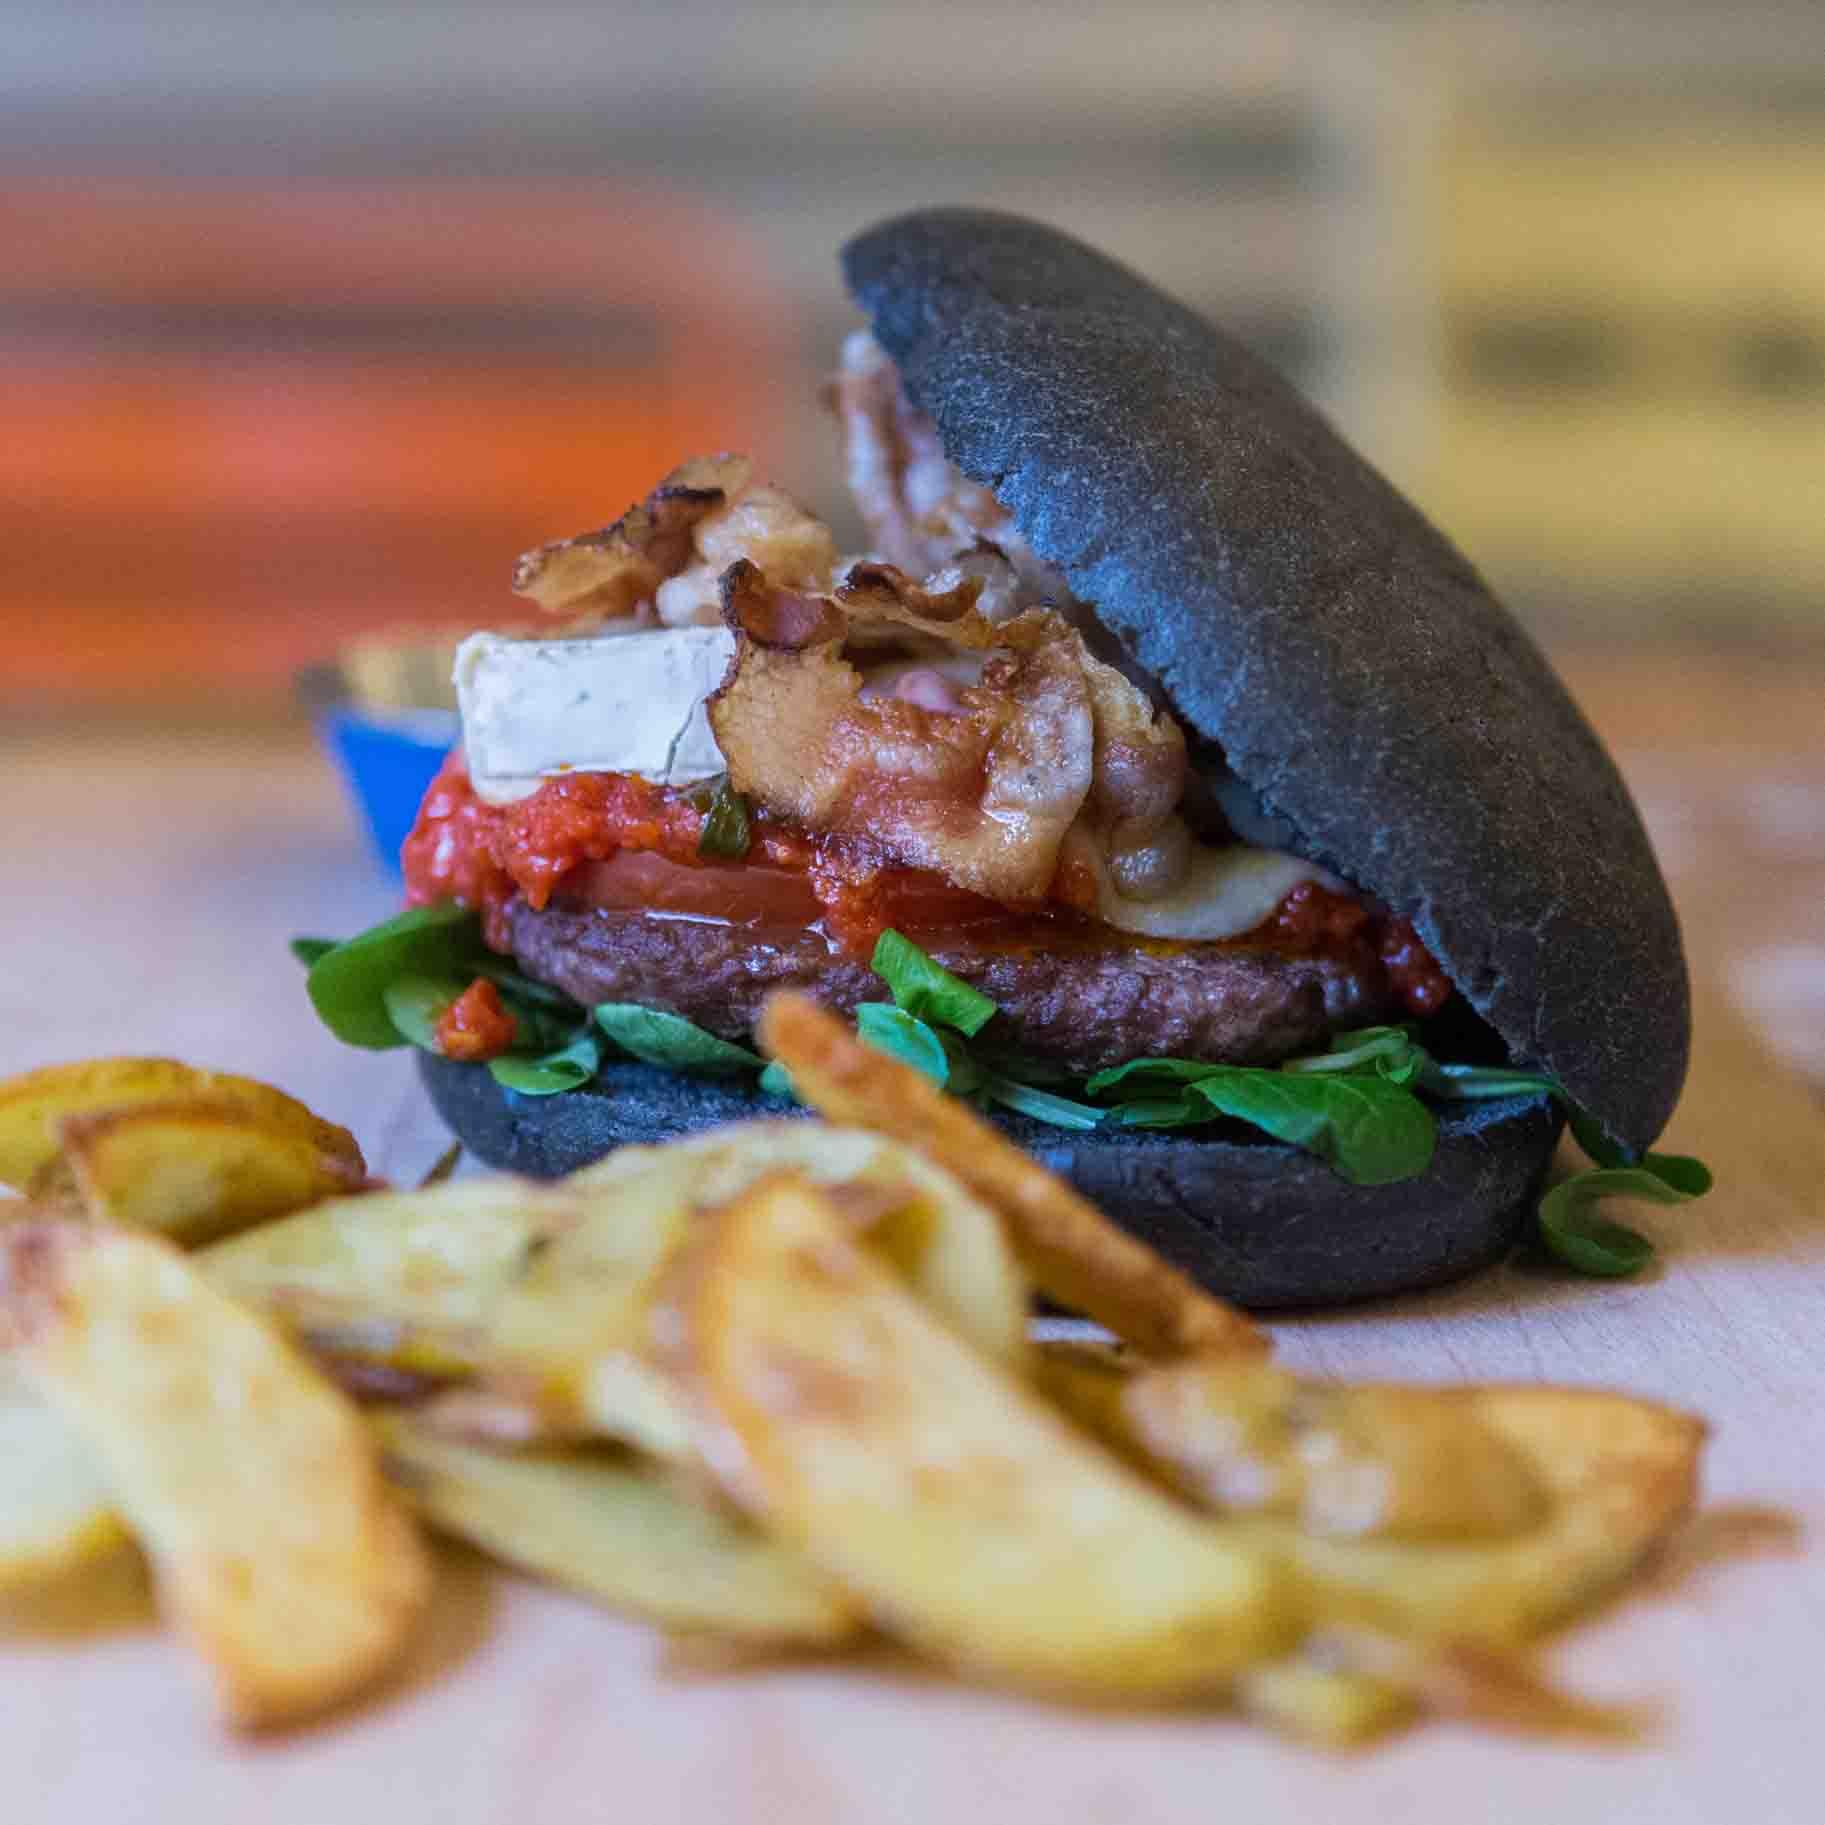 Emporio ladispoli Panini burger streetfood Pane nero 2